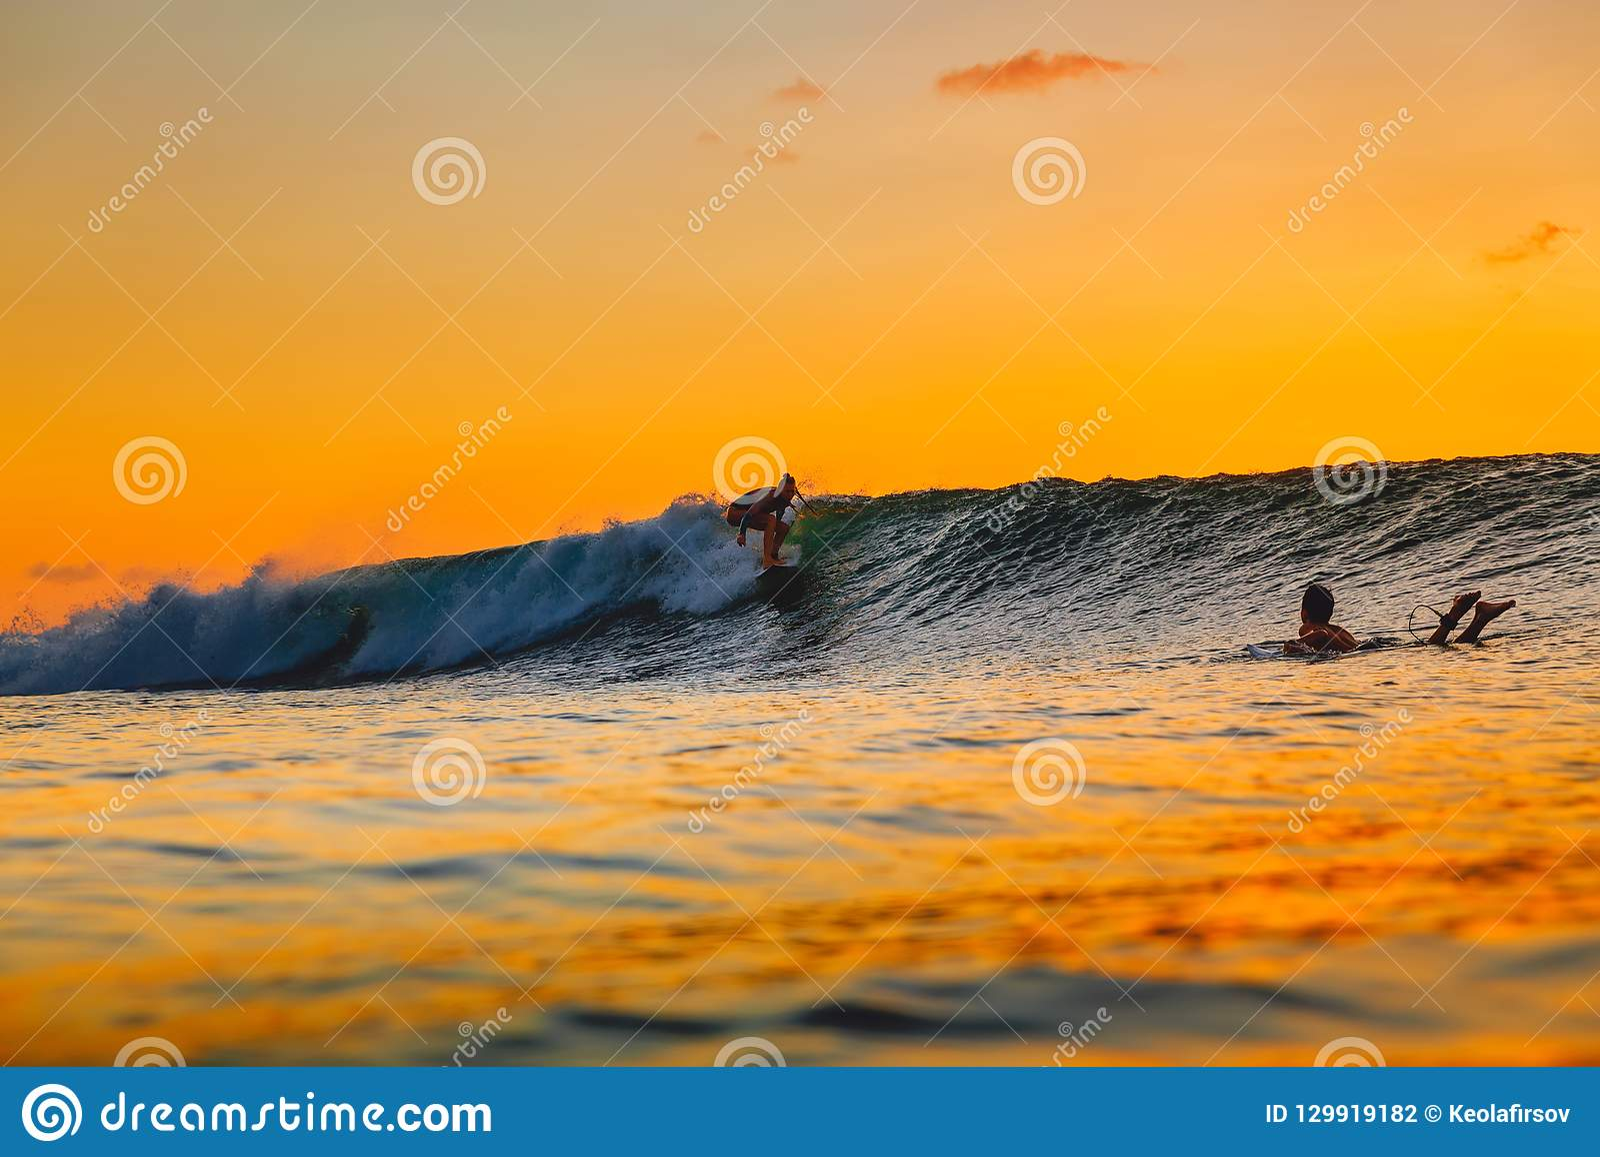 Brandingsmeisje op surfplank bij zonsondergang Vrouw in oceaan, zonsondergang het surfen